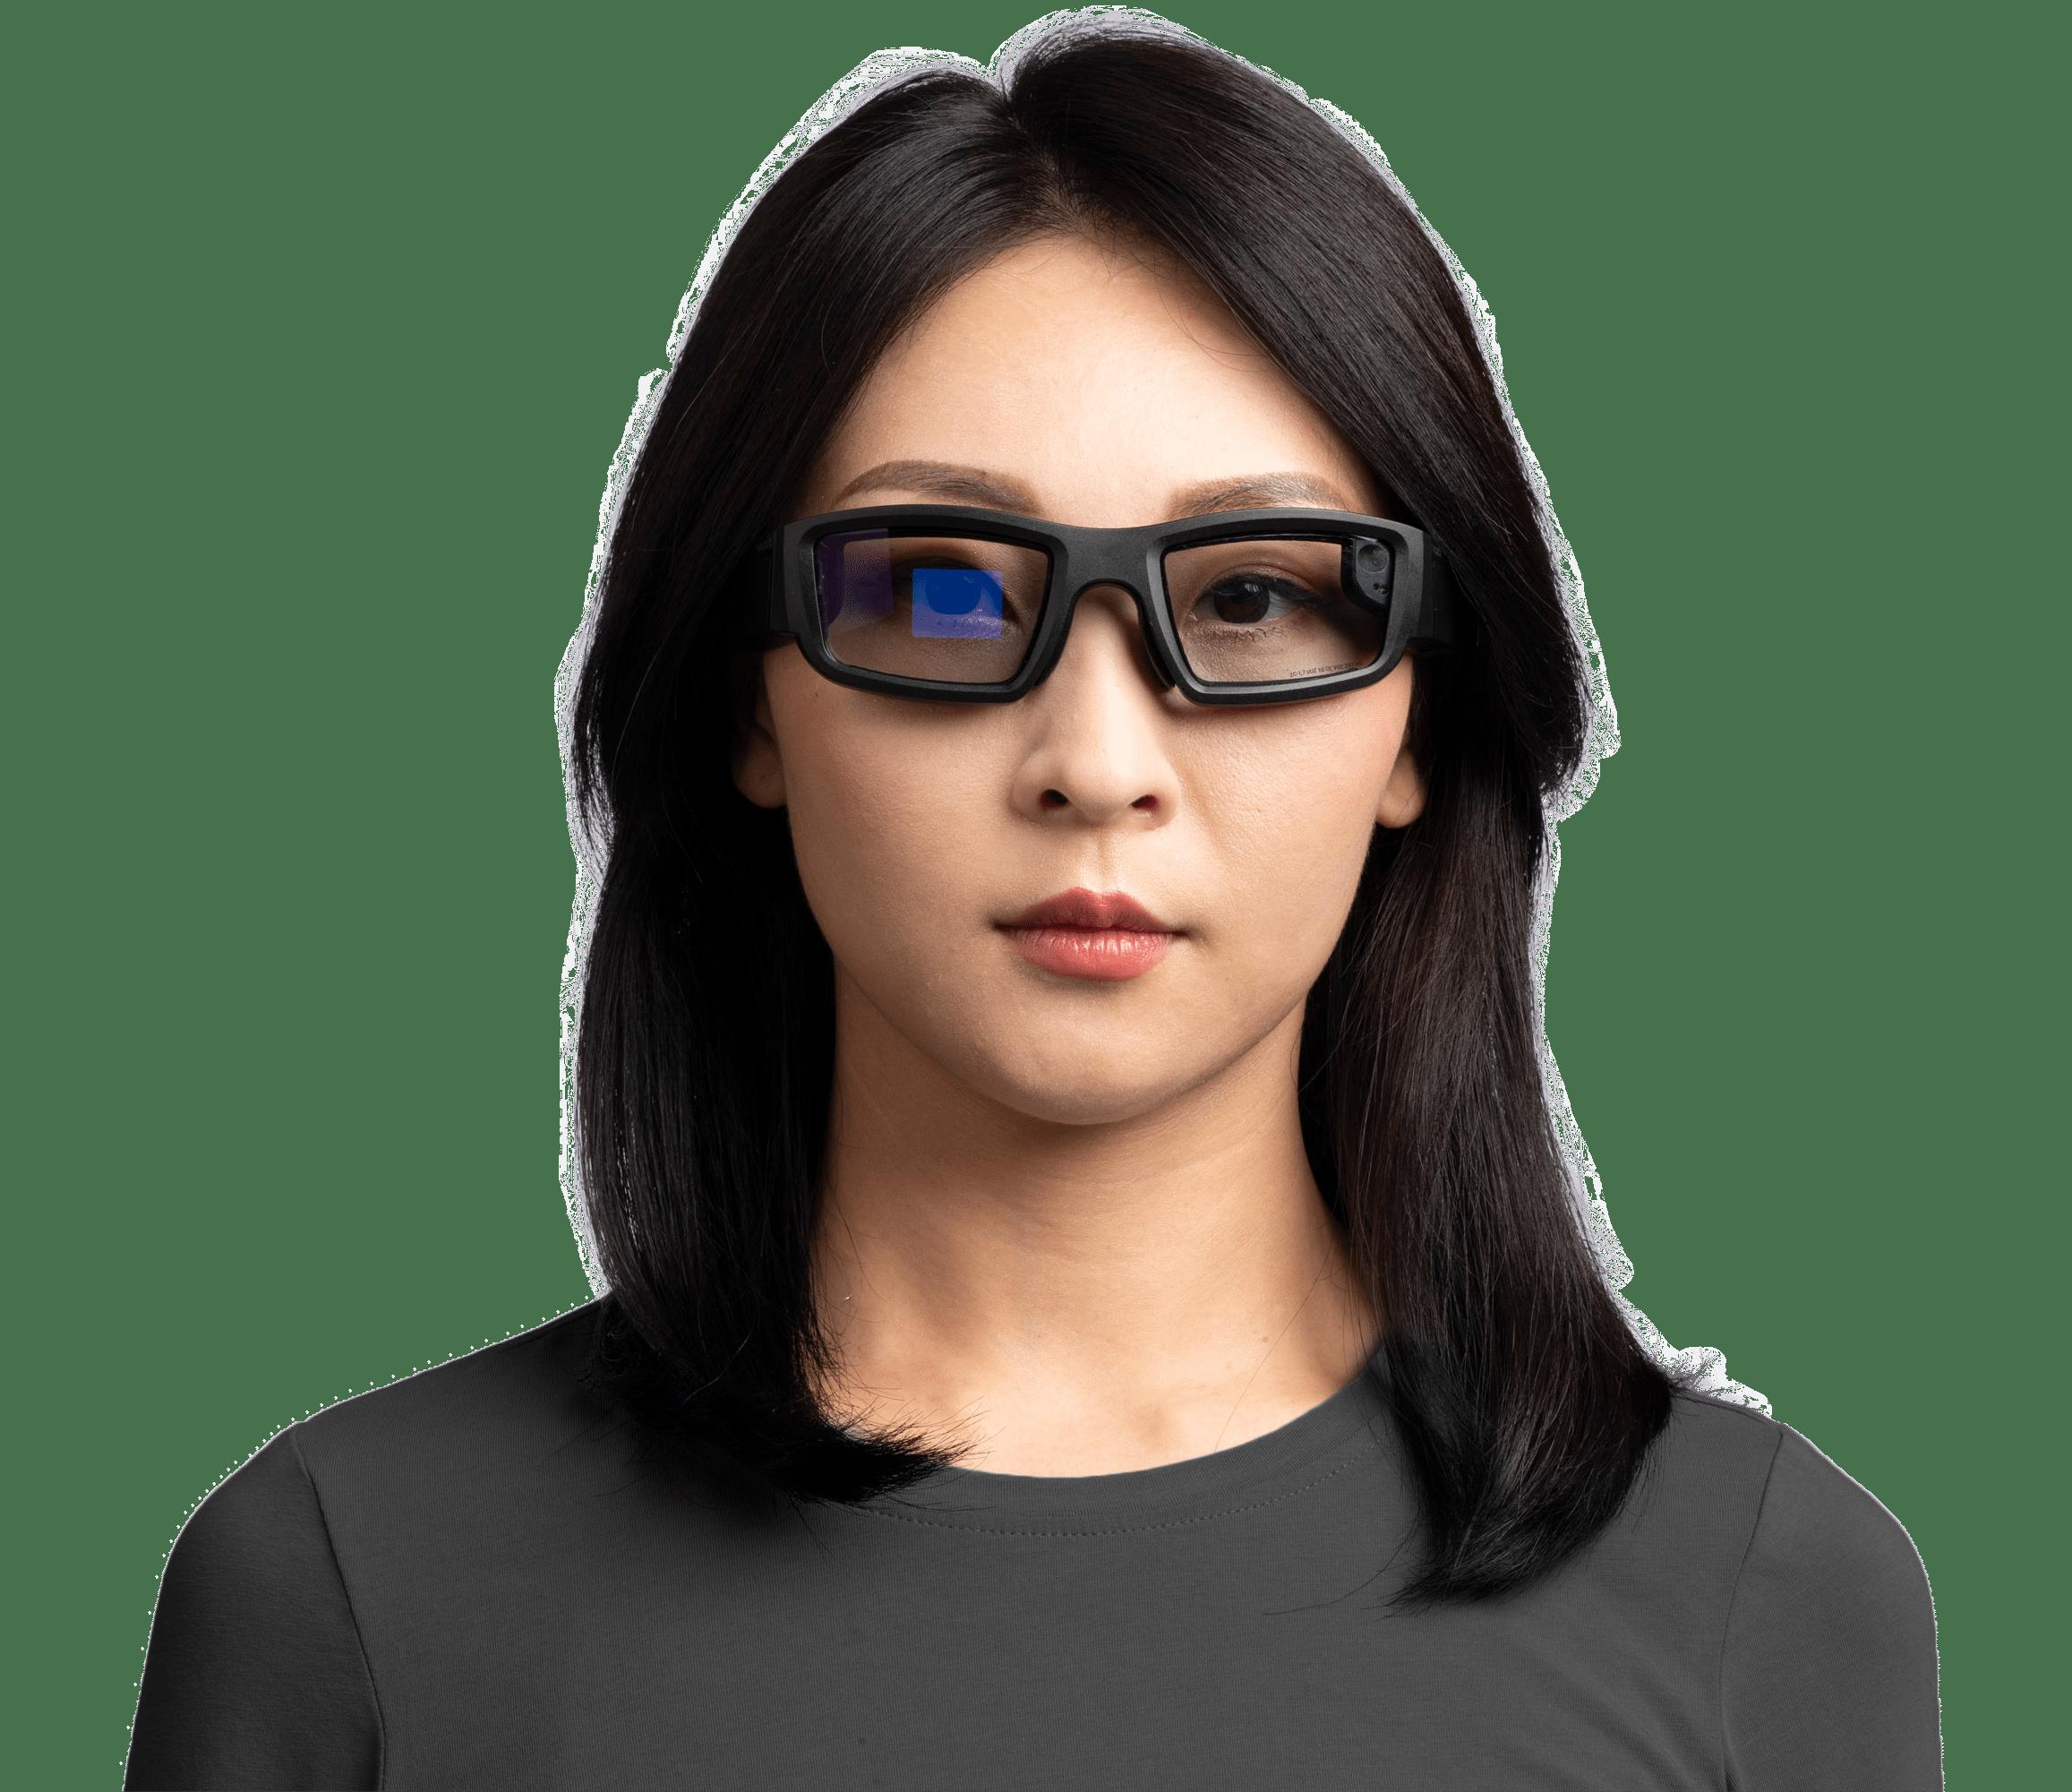 Smart vuzix Blade glass